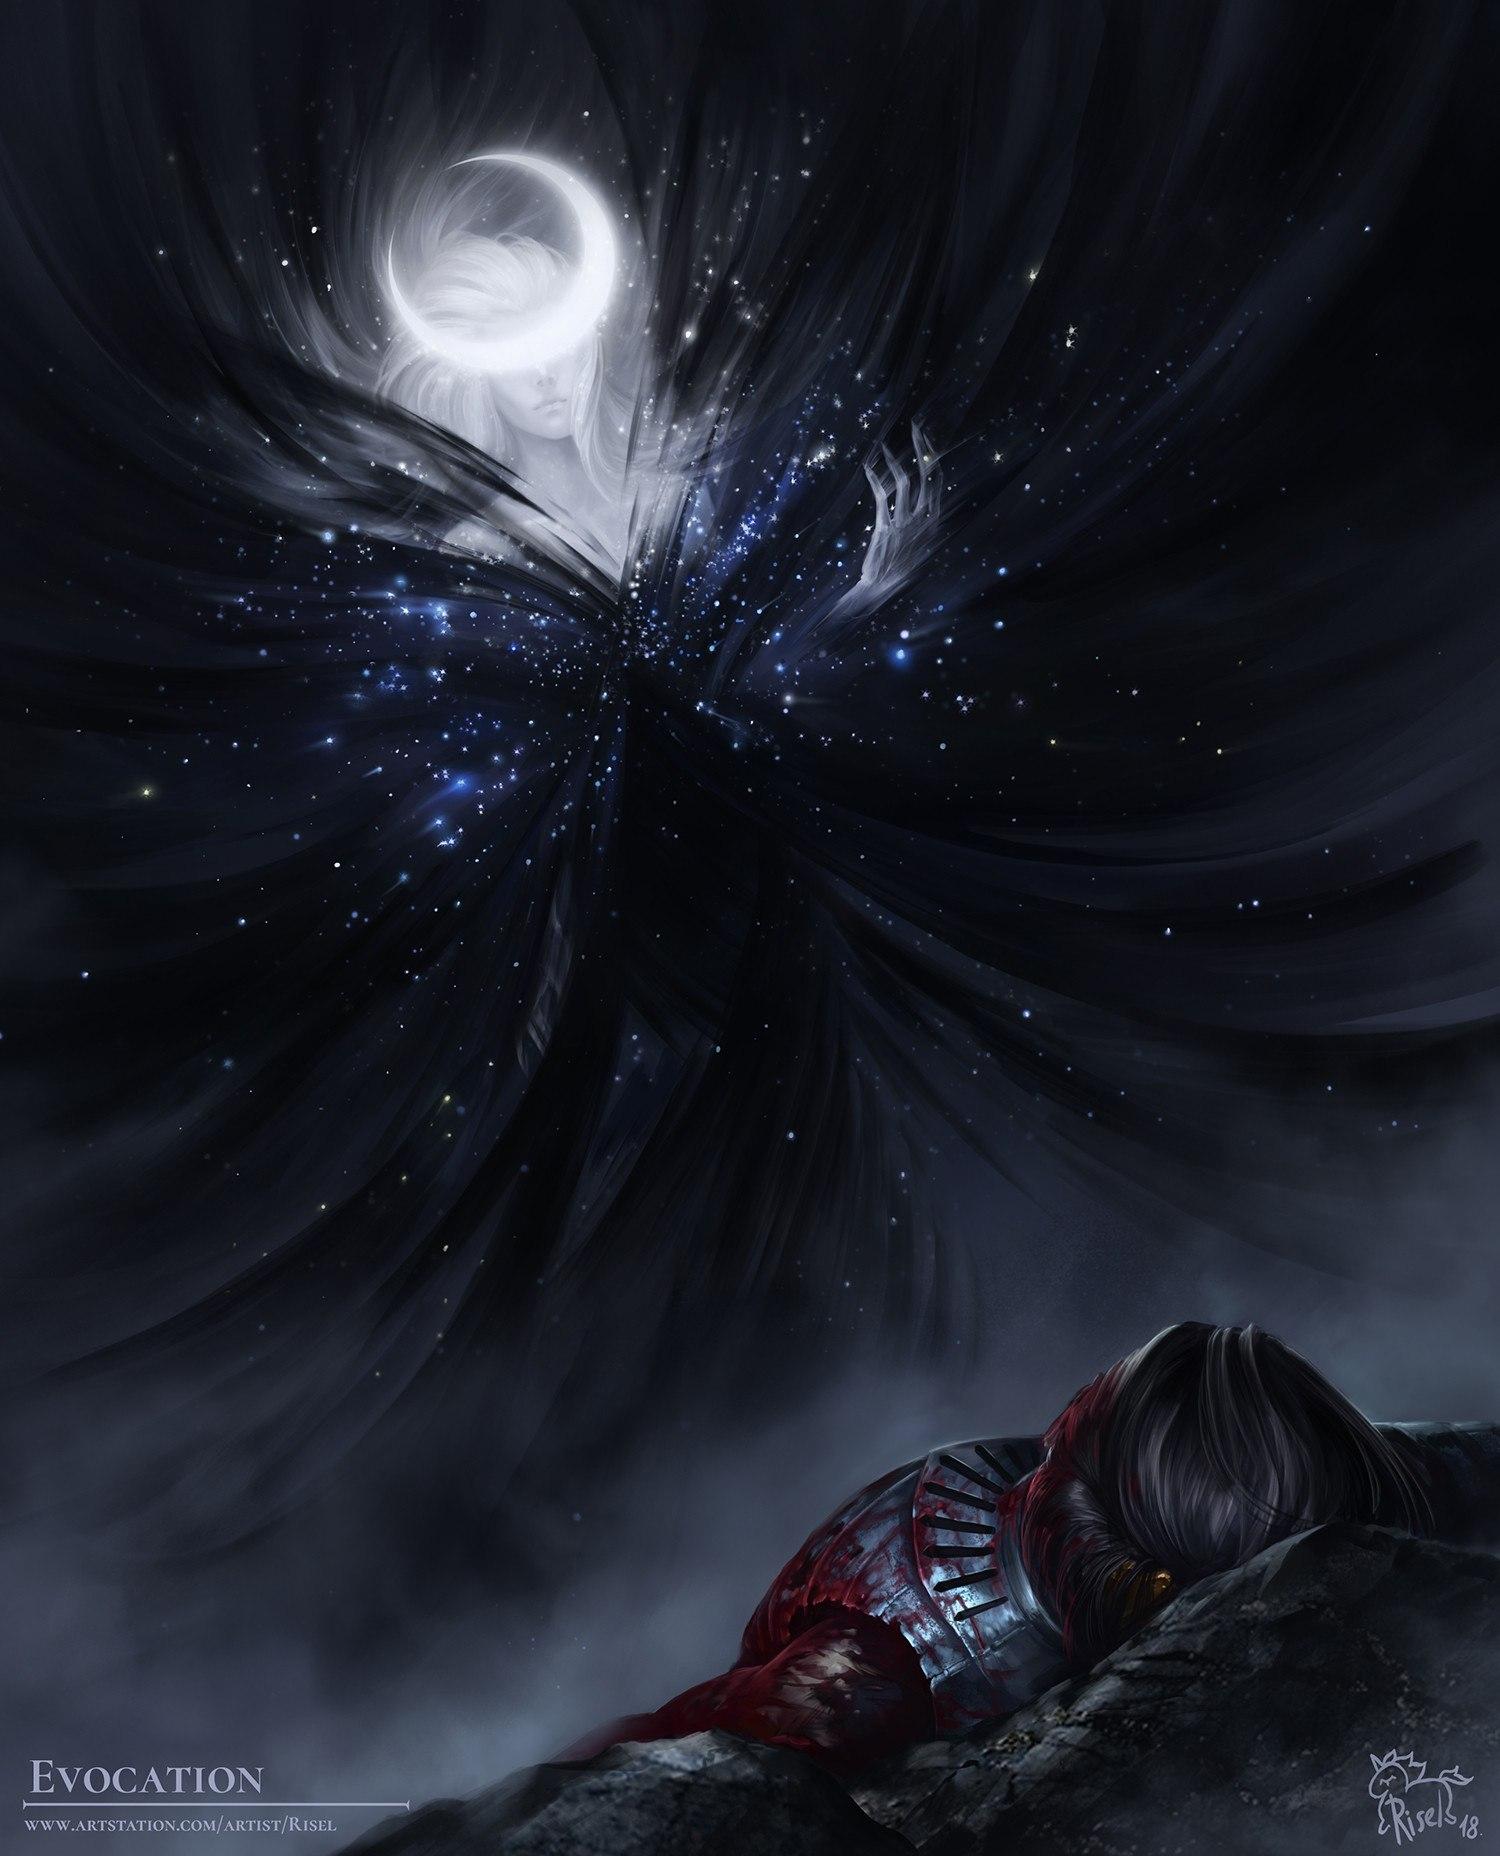 Звёздное небо и космос в картинках - Страница 6 YifvOxNXuUs